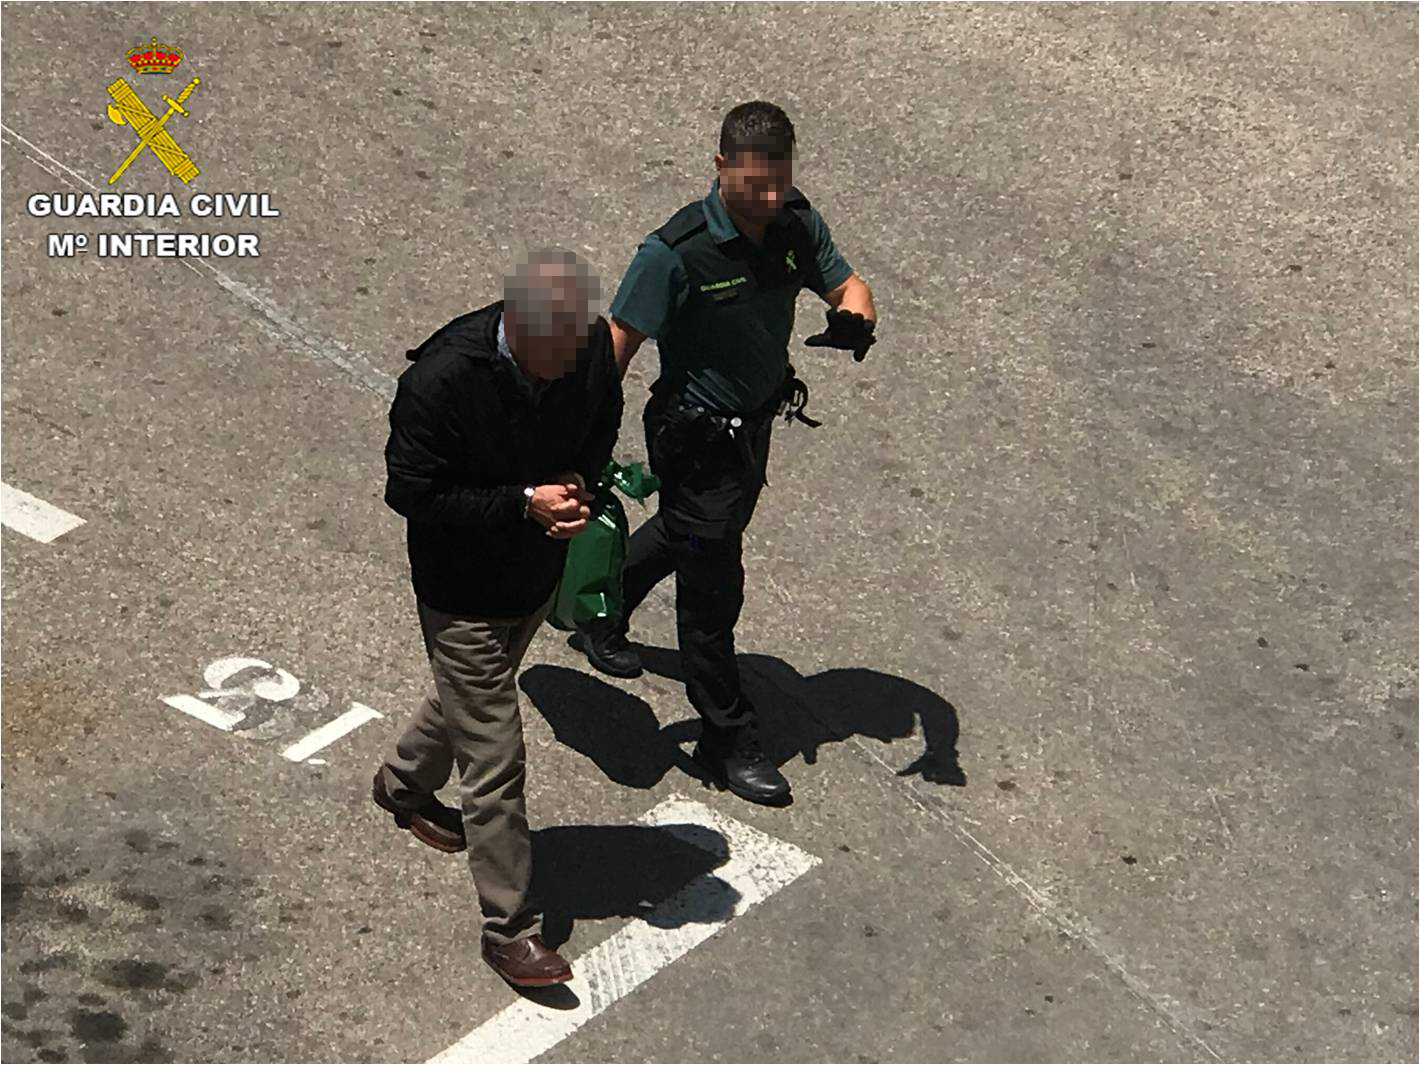 La Guardia Civil custodia al hombre detenido tras la agresión